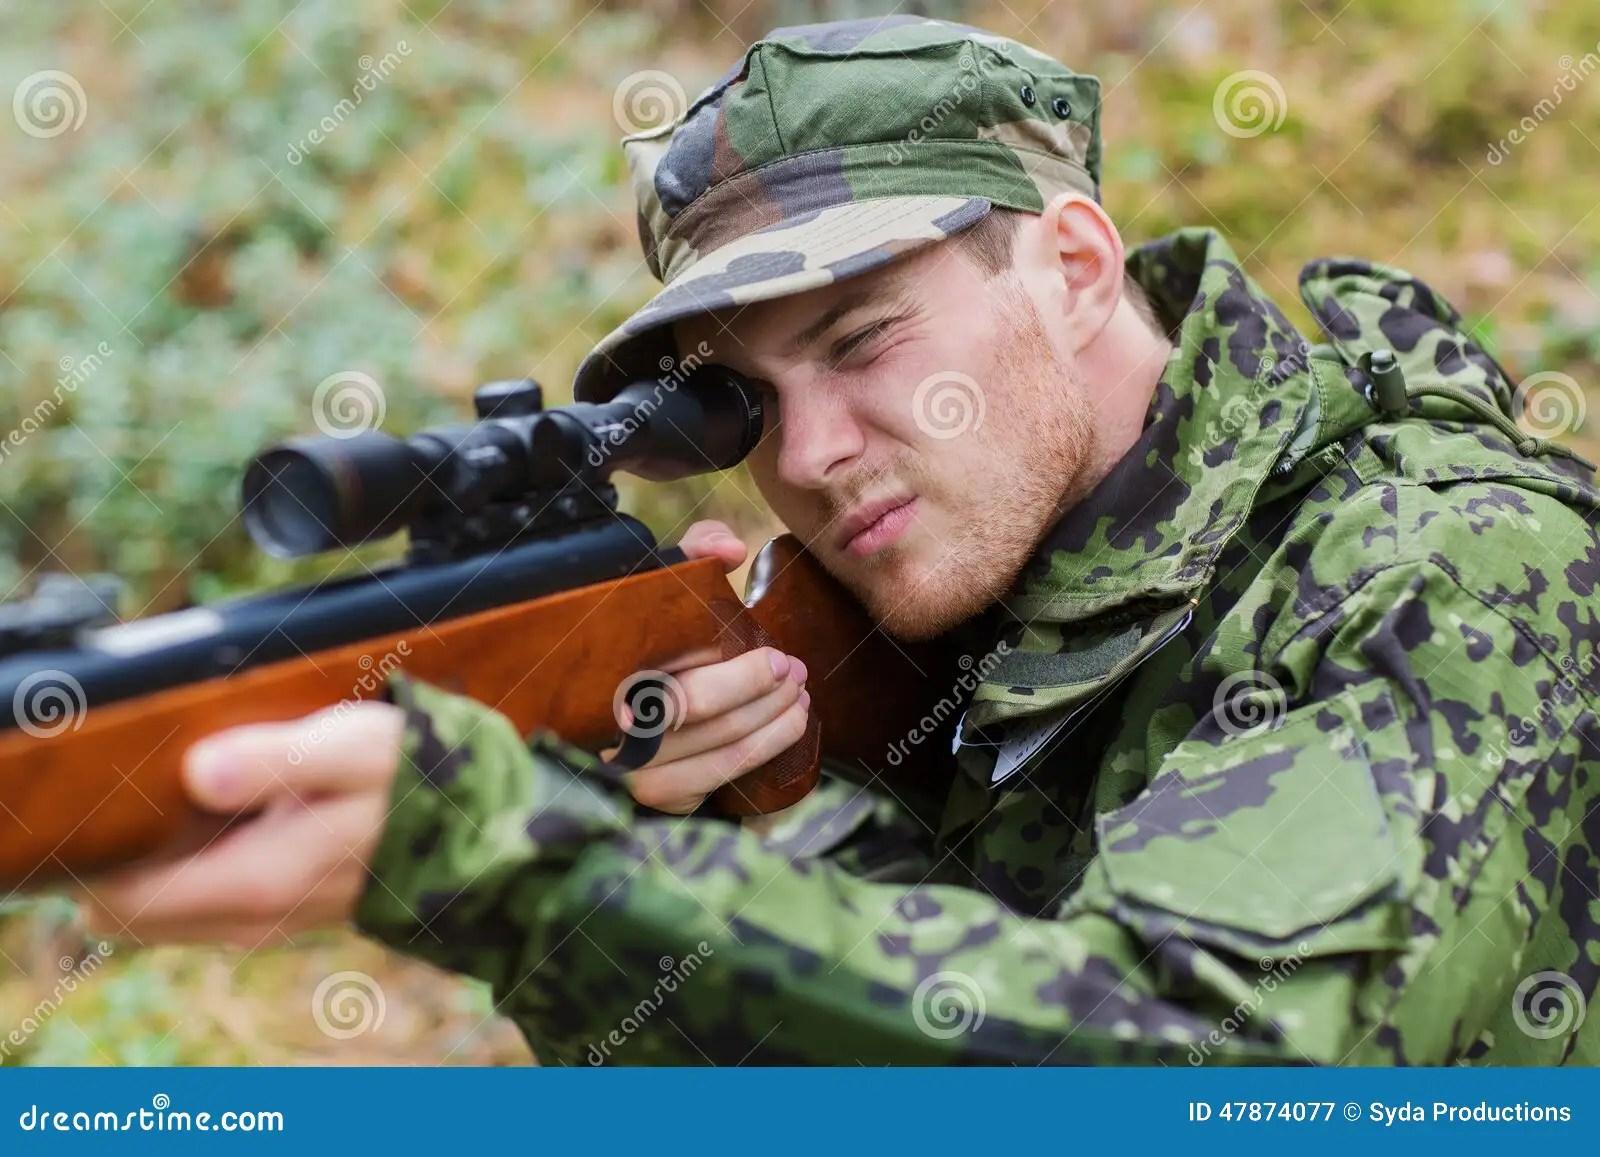 Arm Guard Best